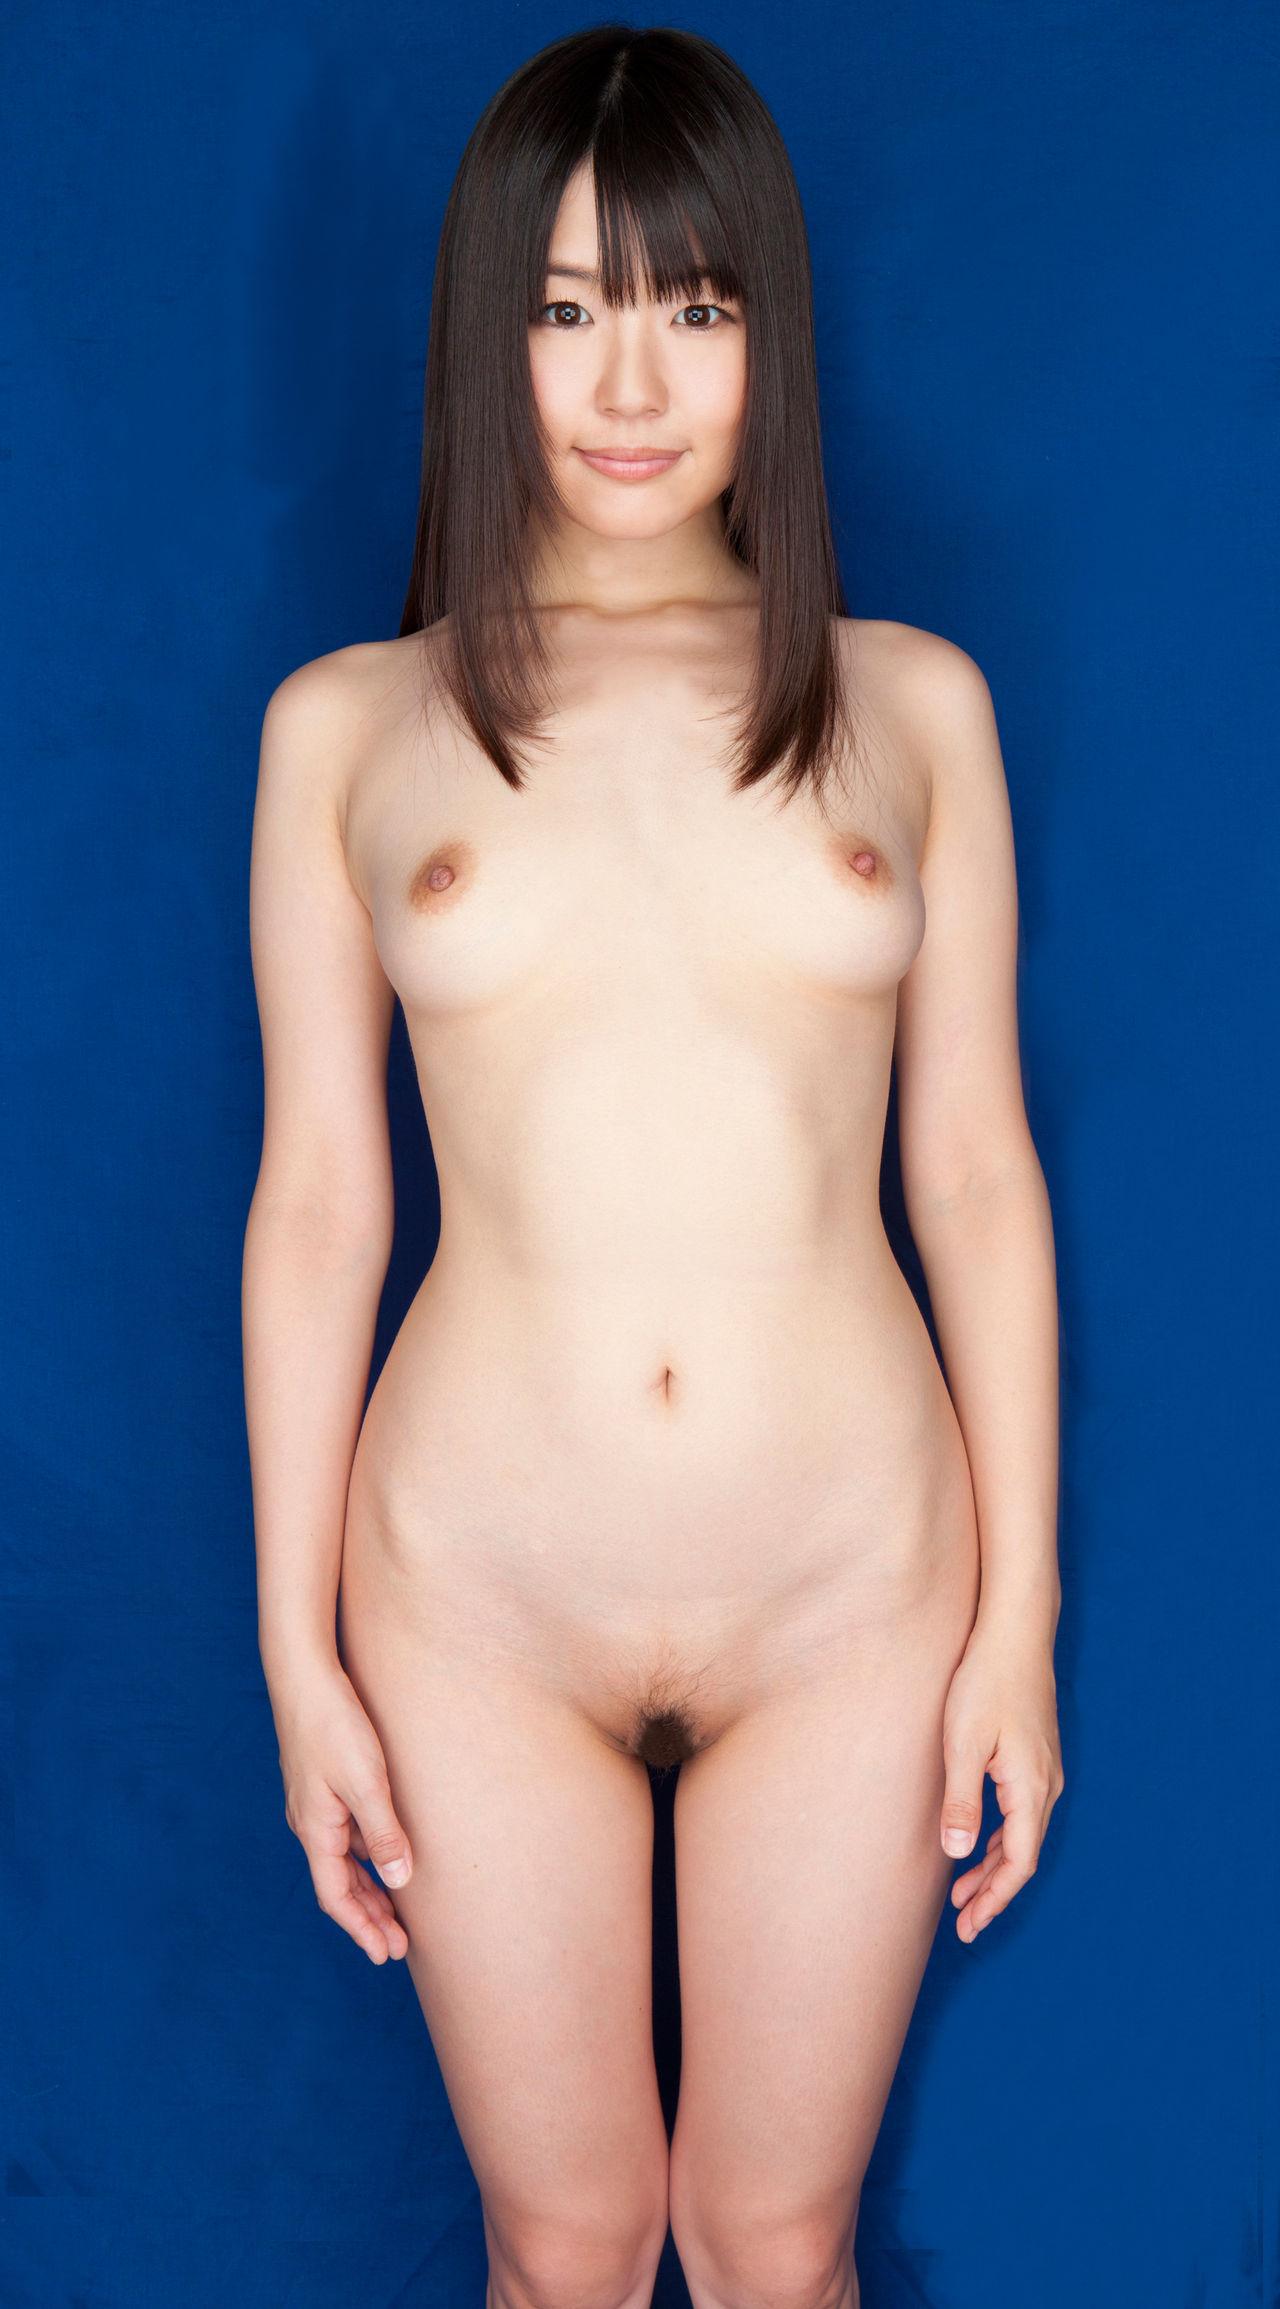 【AV撮影強要】20代女性に100本以上出演させる★7©2ch.net xvideo>1本 YouTube動画>5本 ->画像>185枚